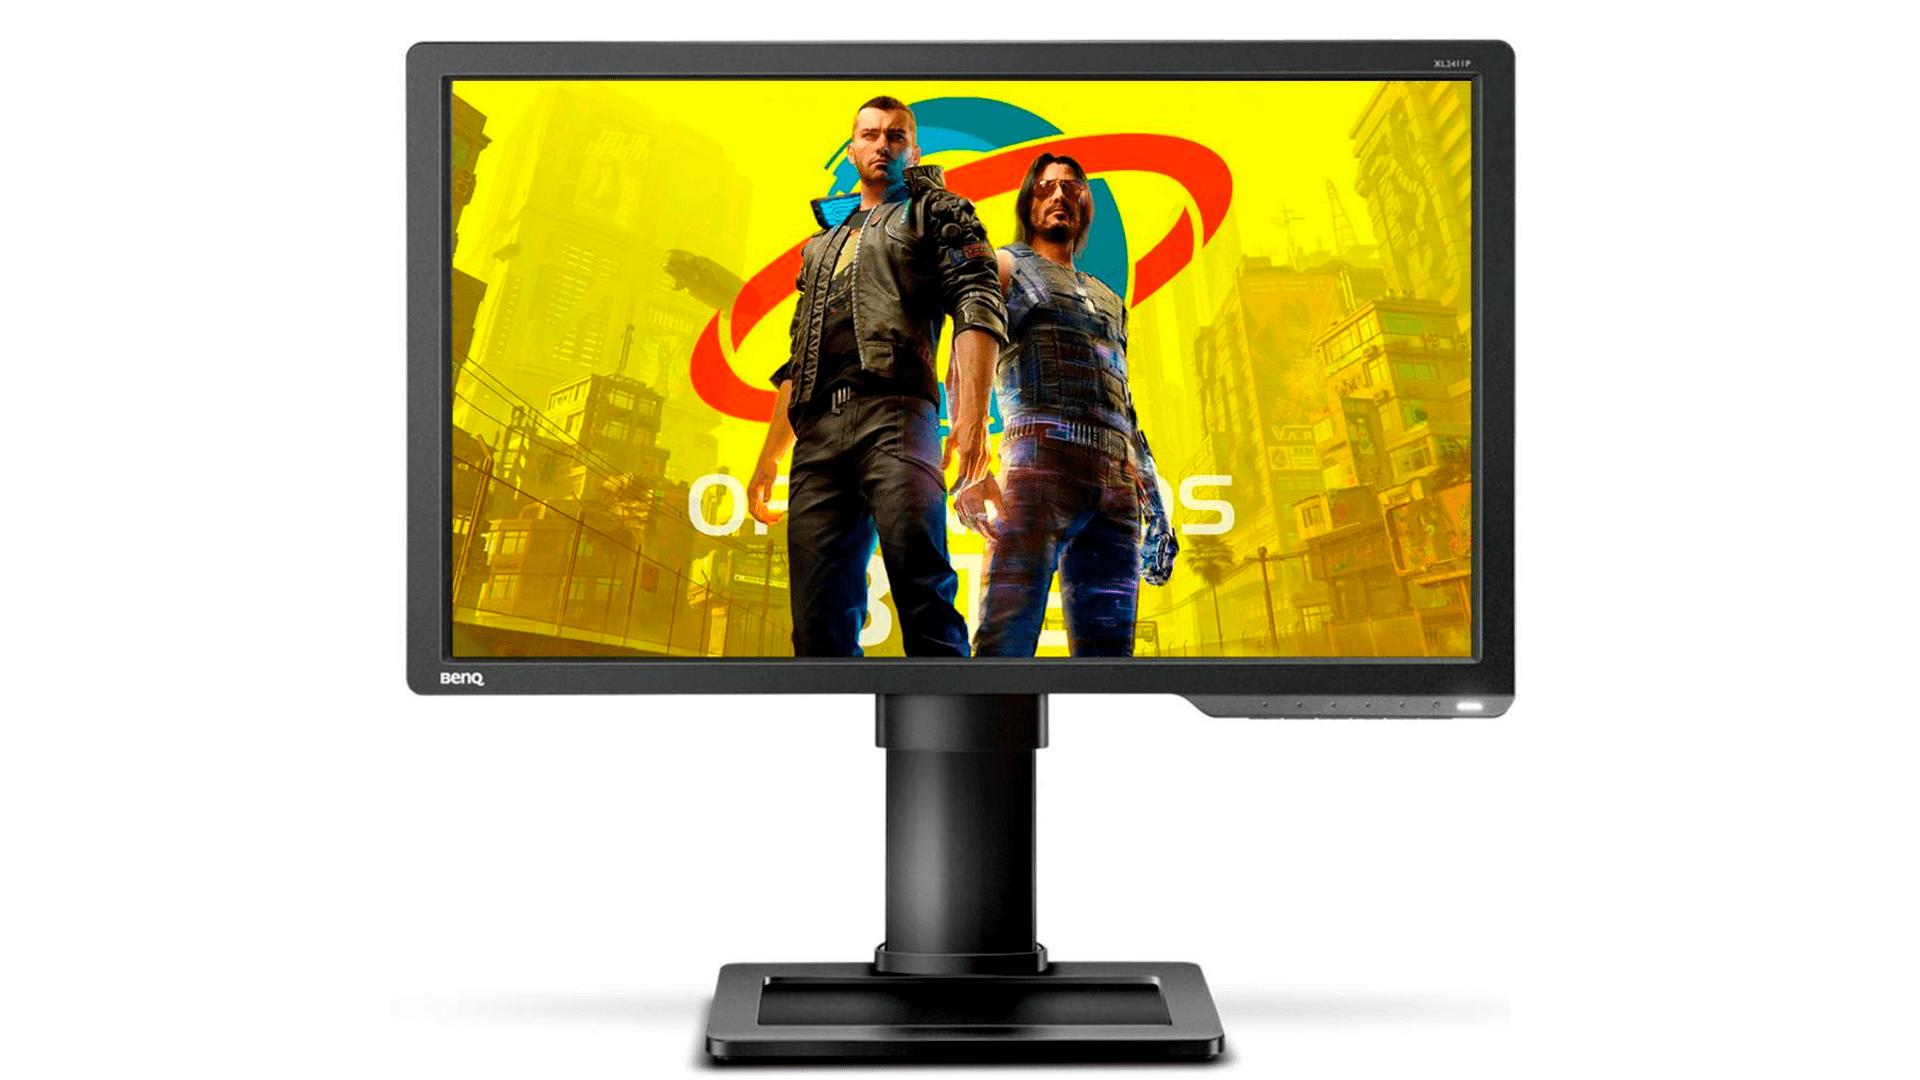 """Qualidade em imagens escuras é uma das características do monitor LED 24"""" BenQ Full HD XL2411Z (Foto: Divulgação/BenQ)"""